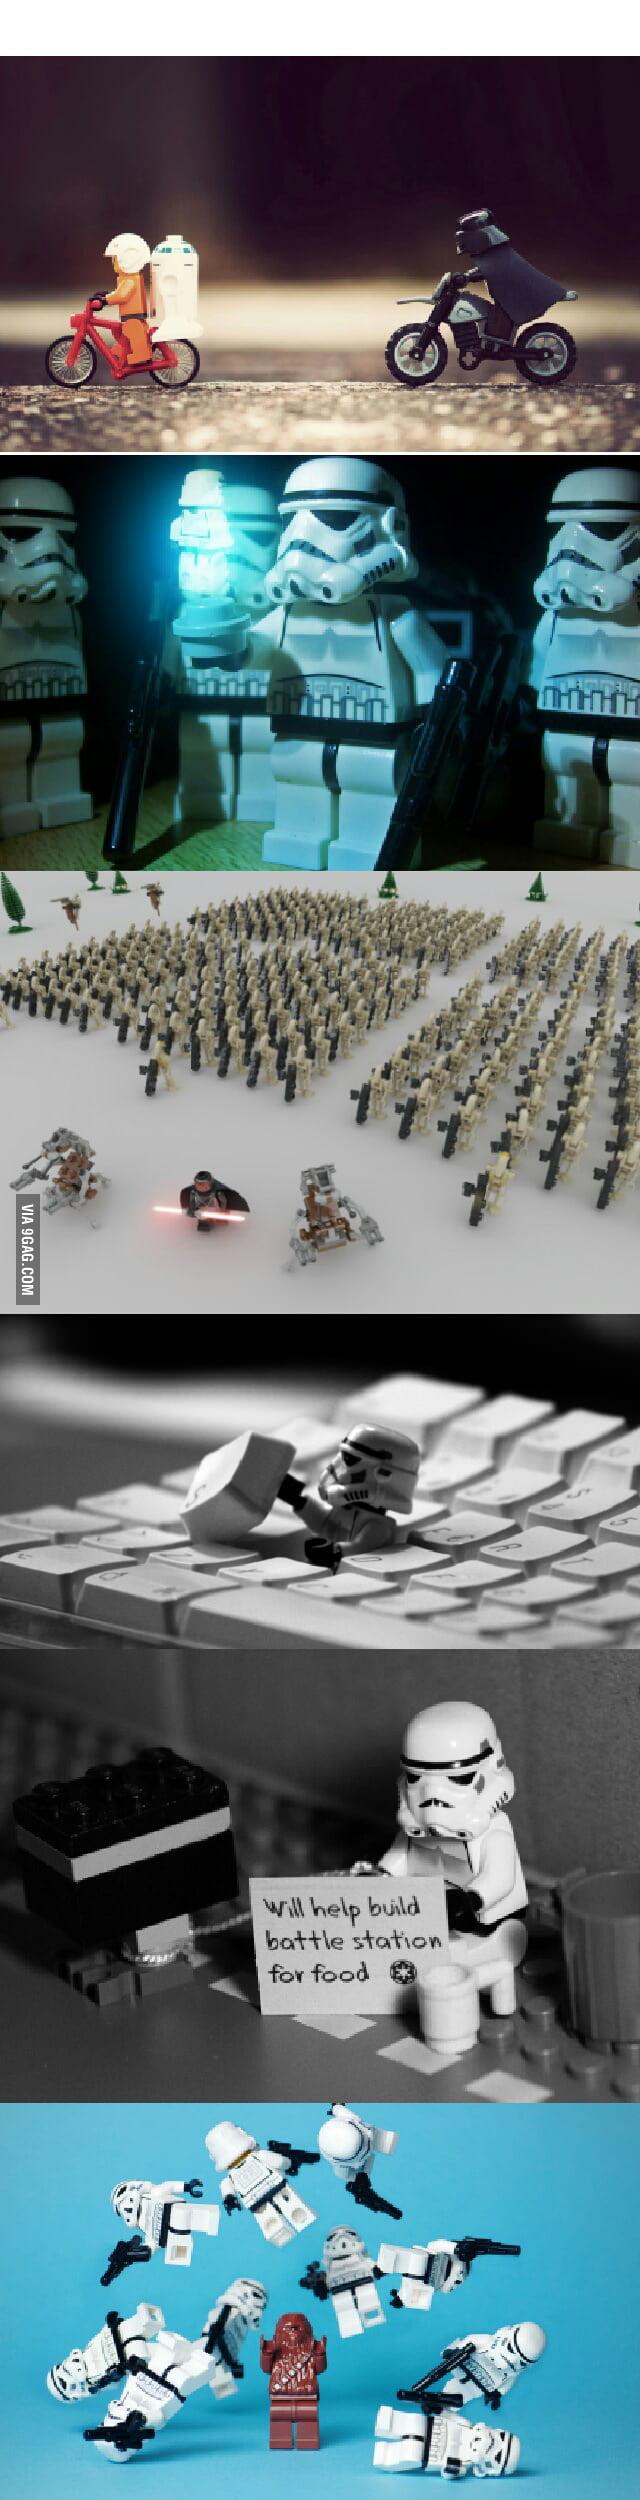 Lego wars